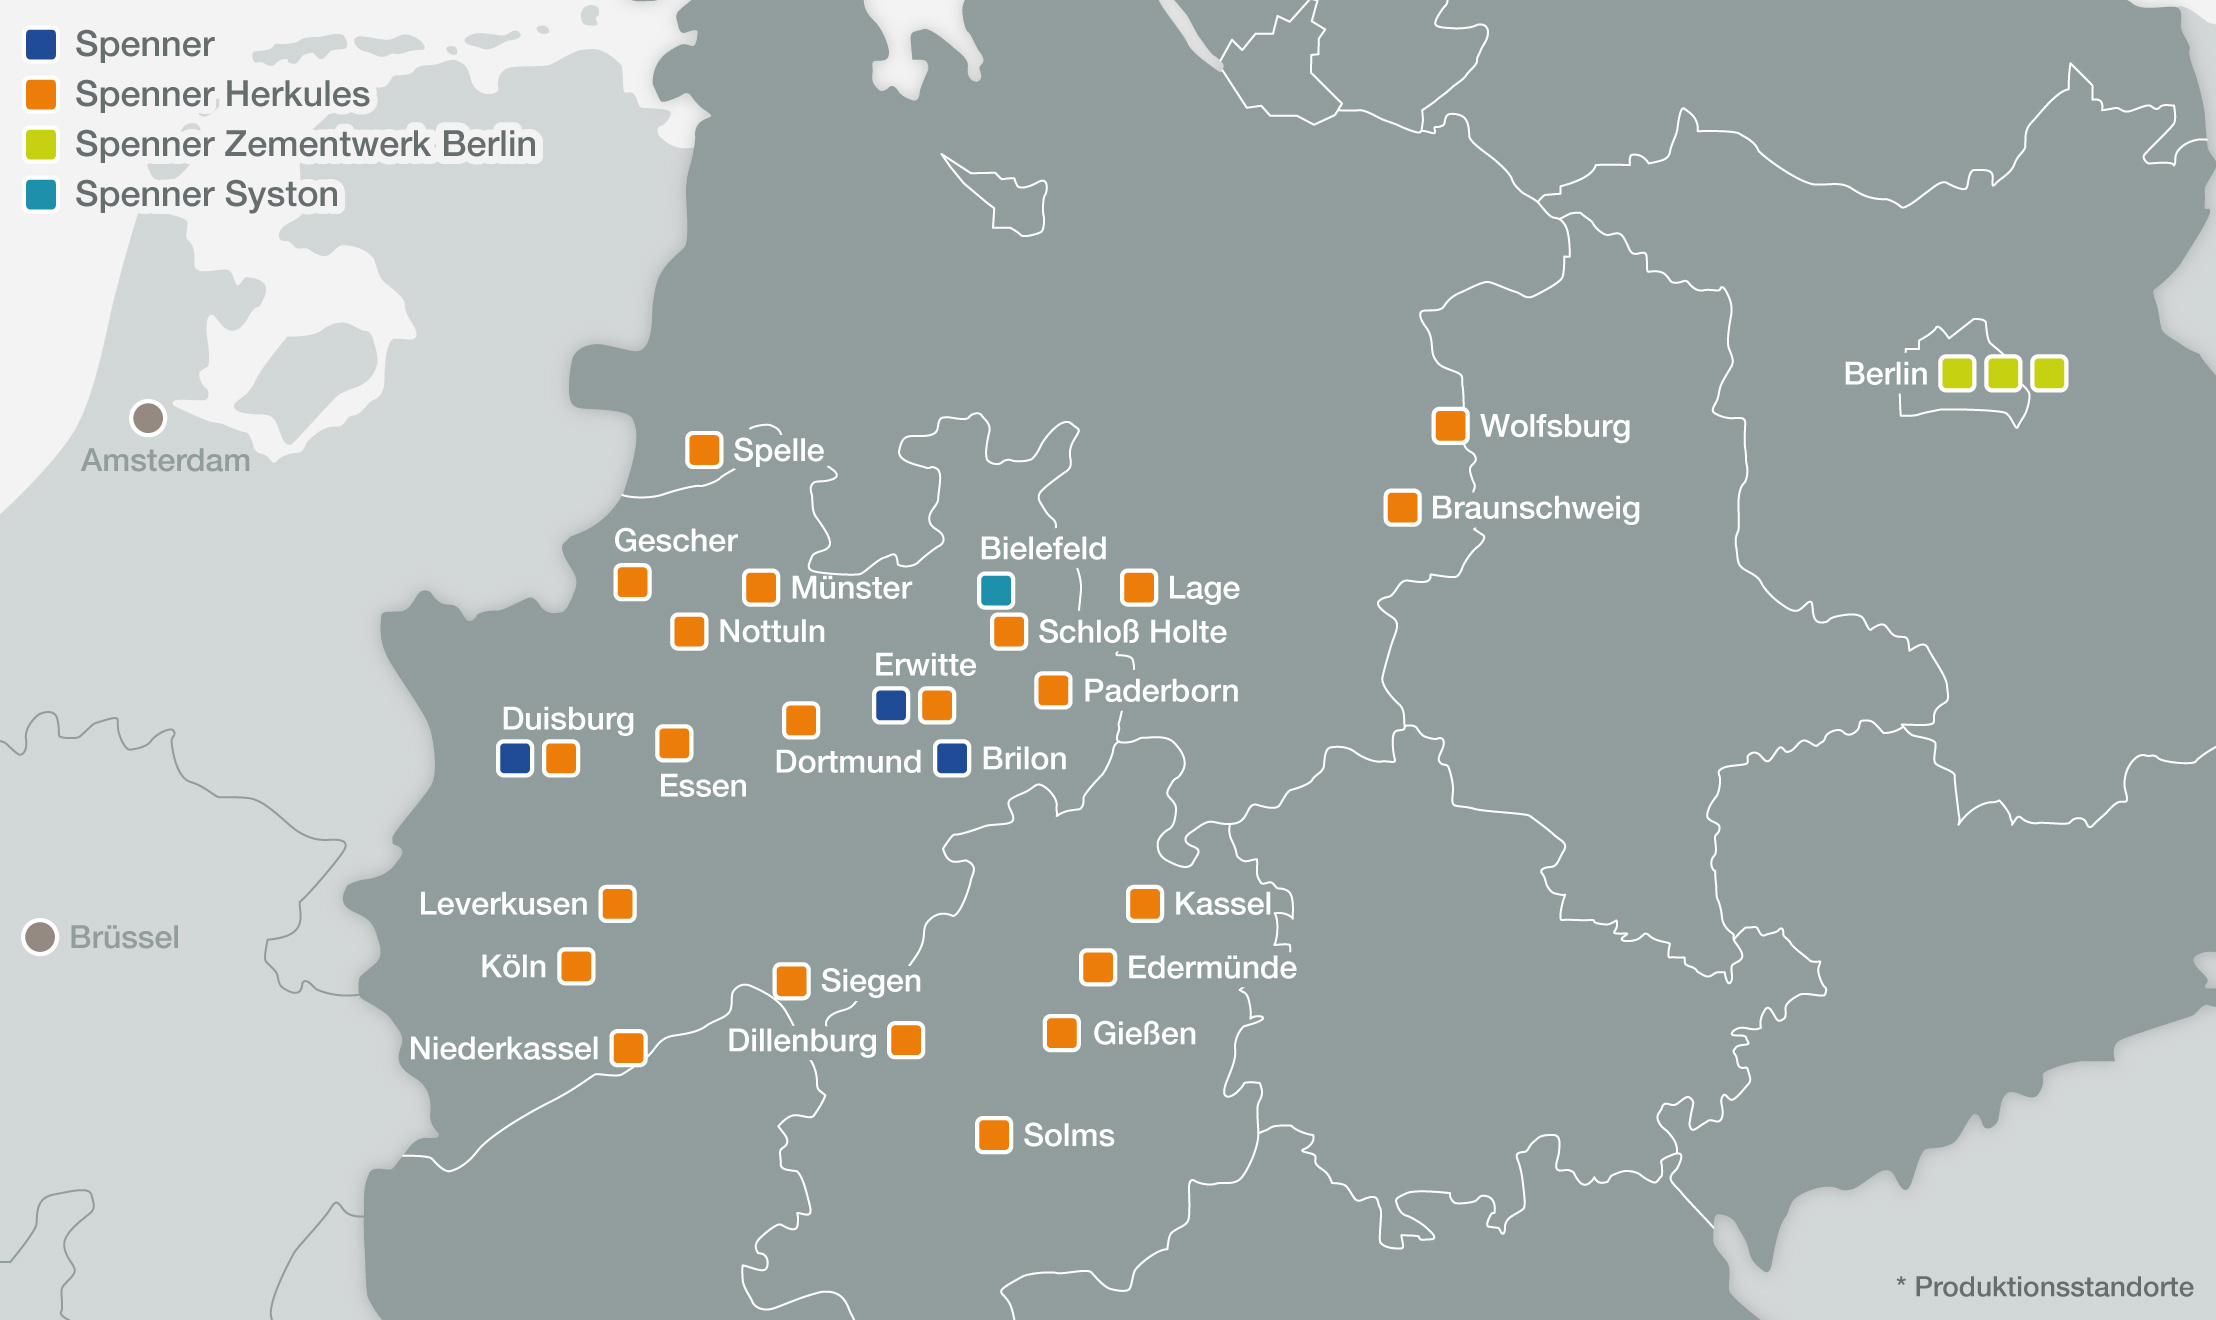 Übersichtkarte der Spenner Unternehmens Standorte